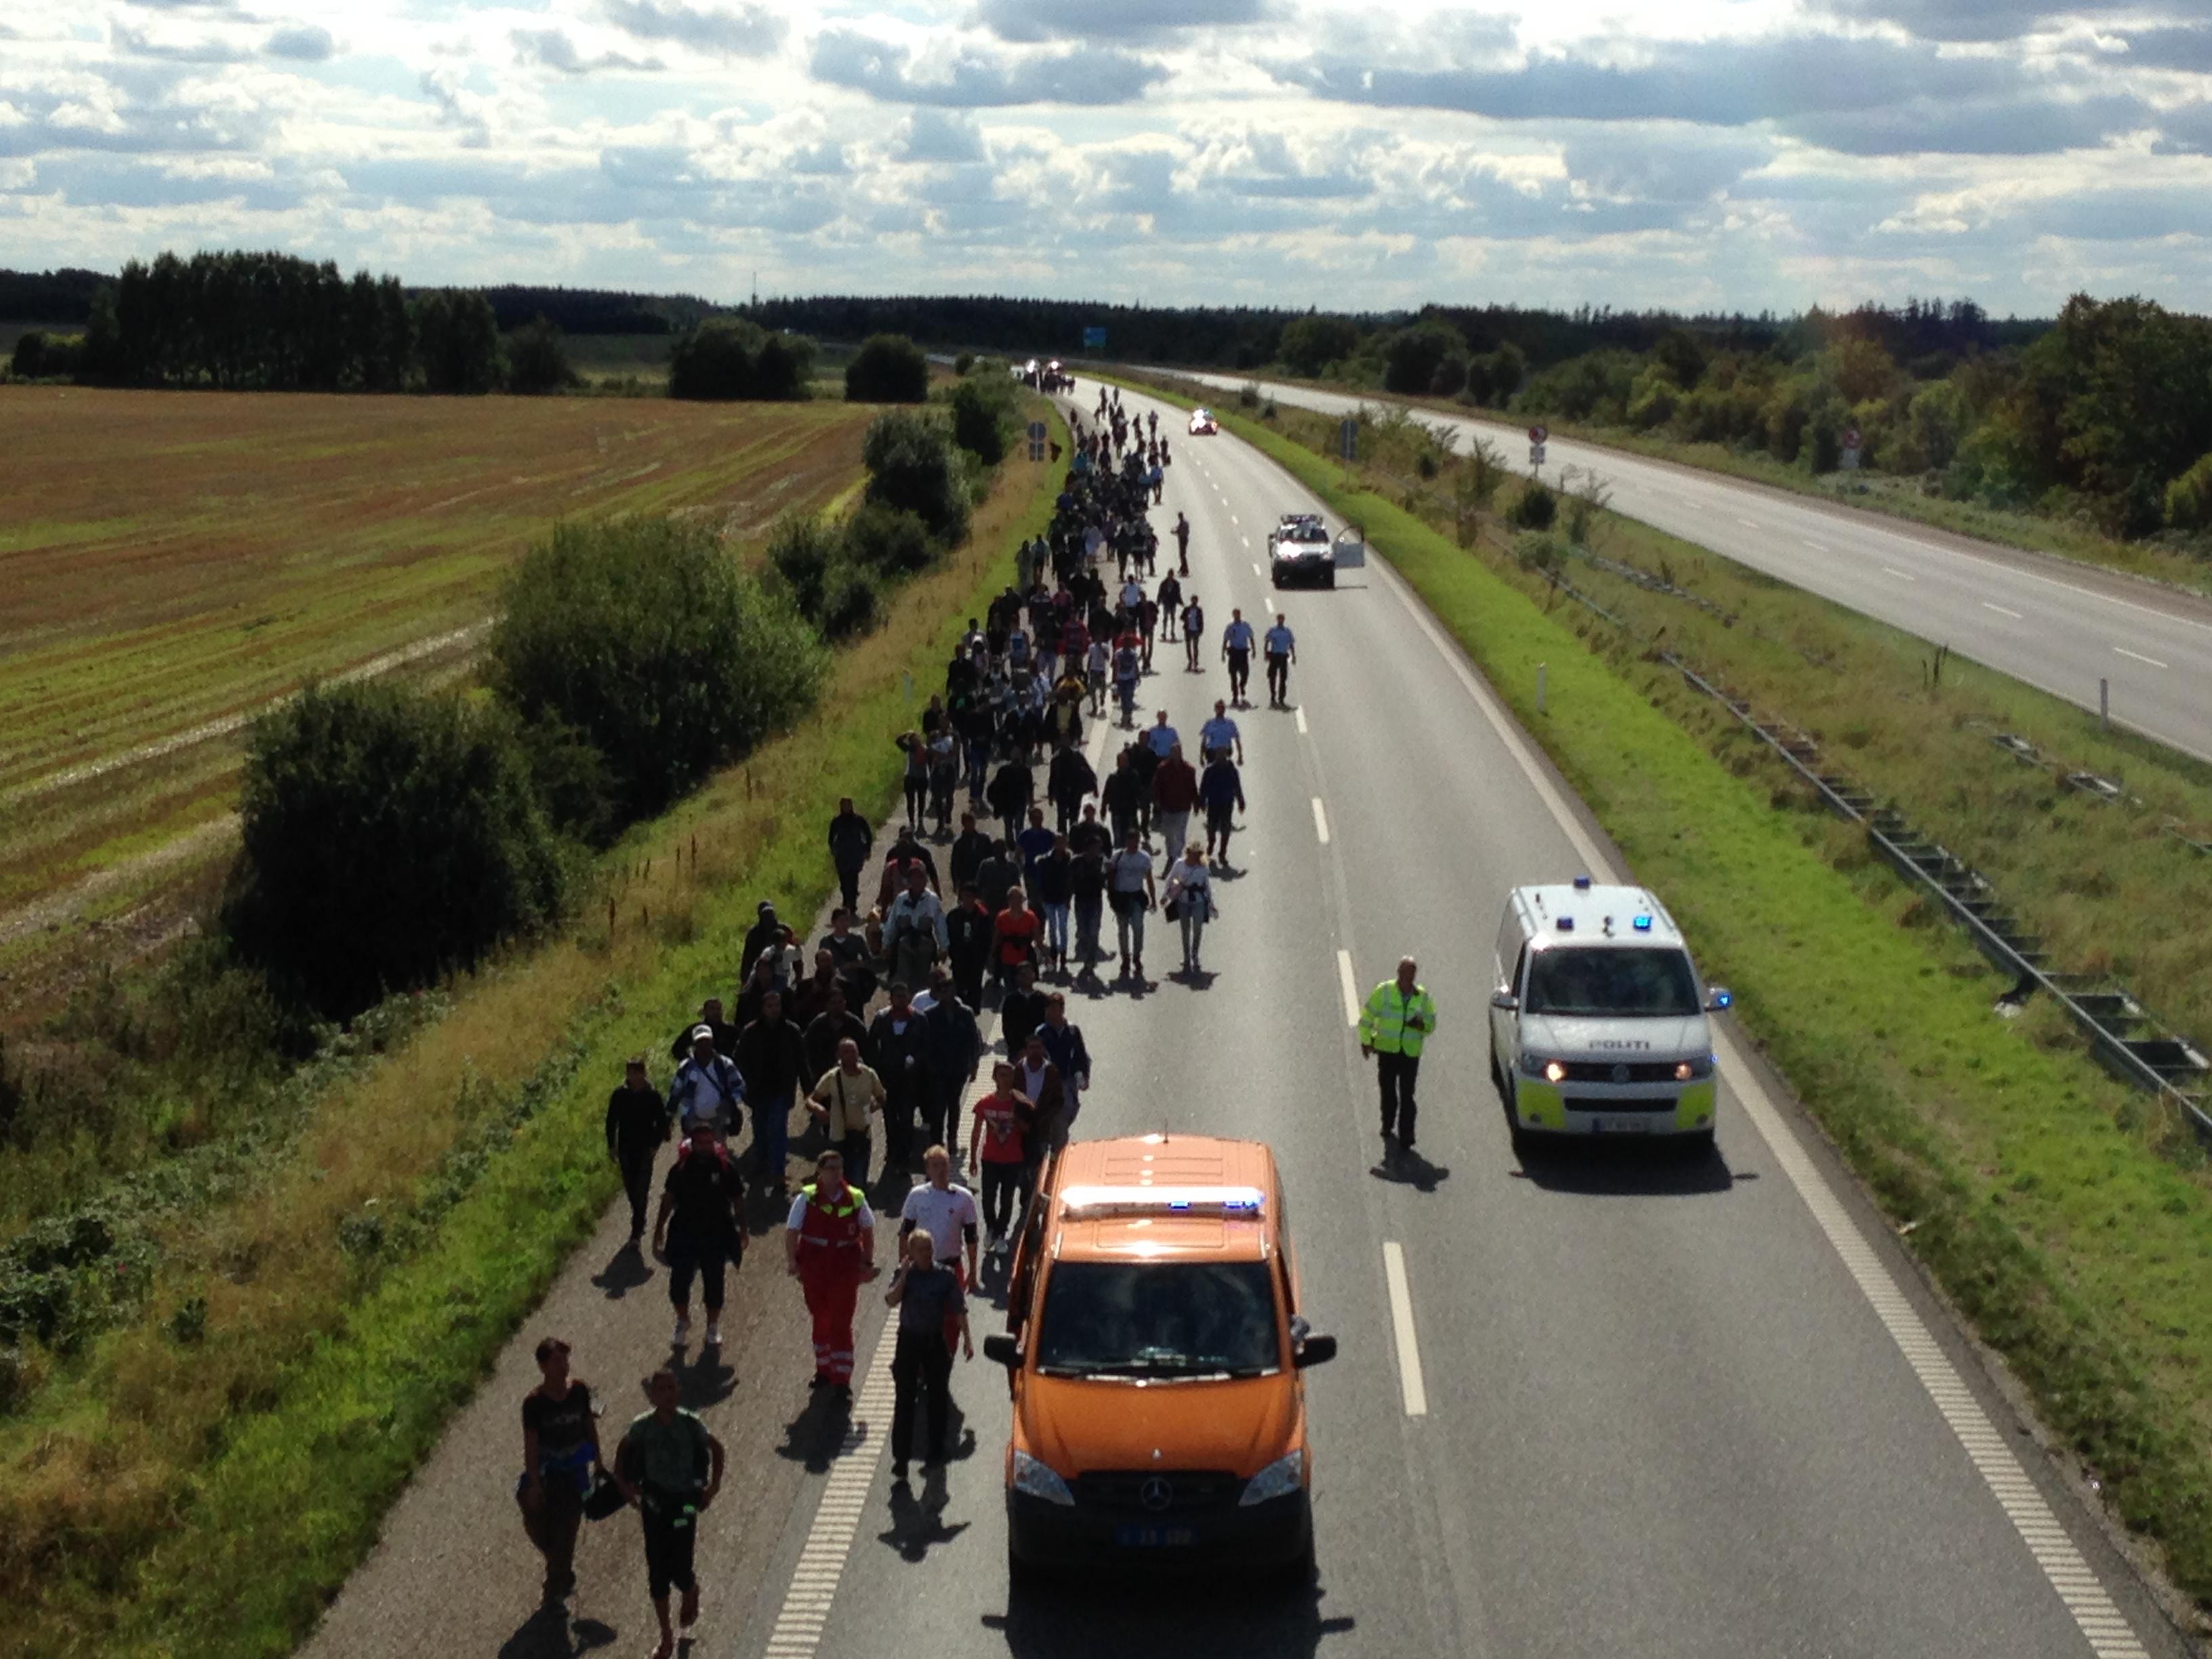 flygtninge1.jpg